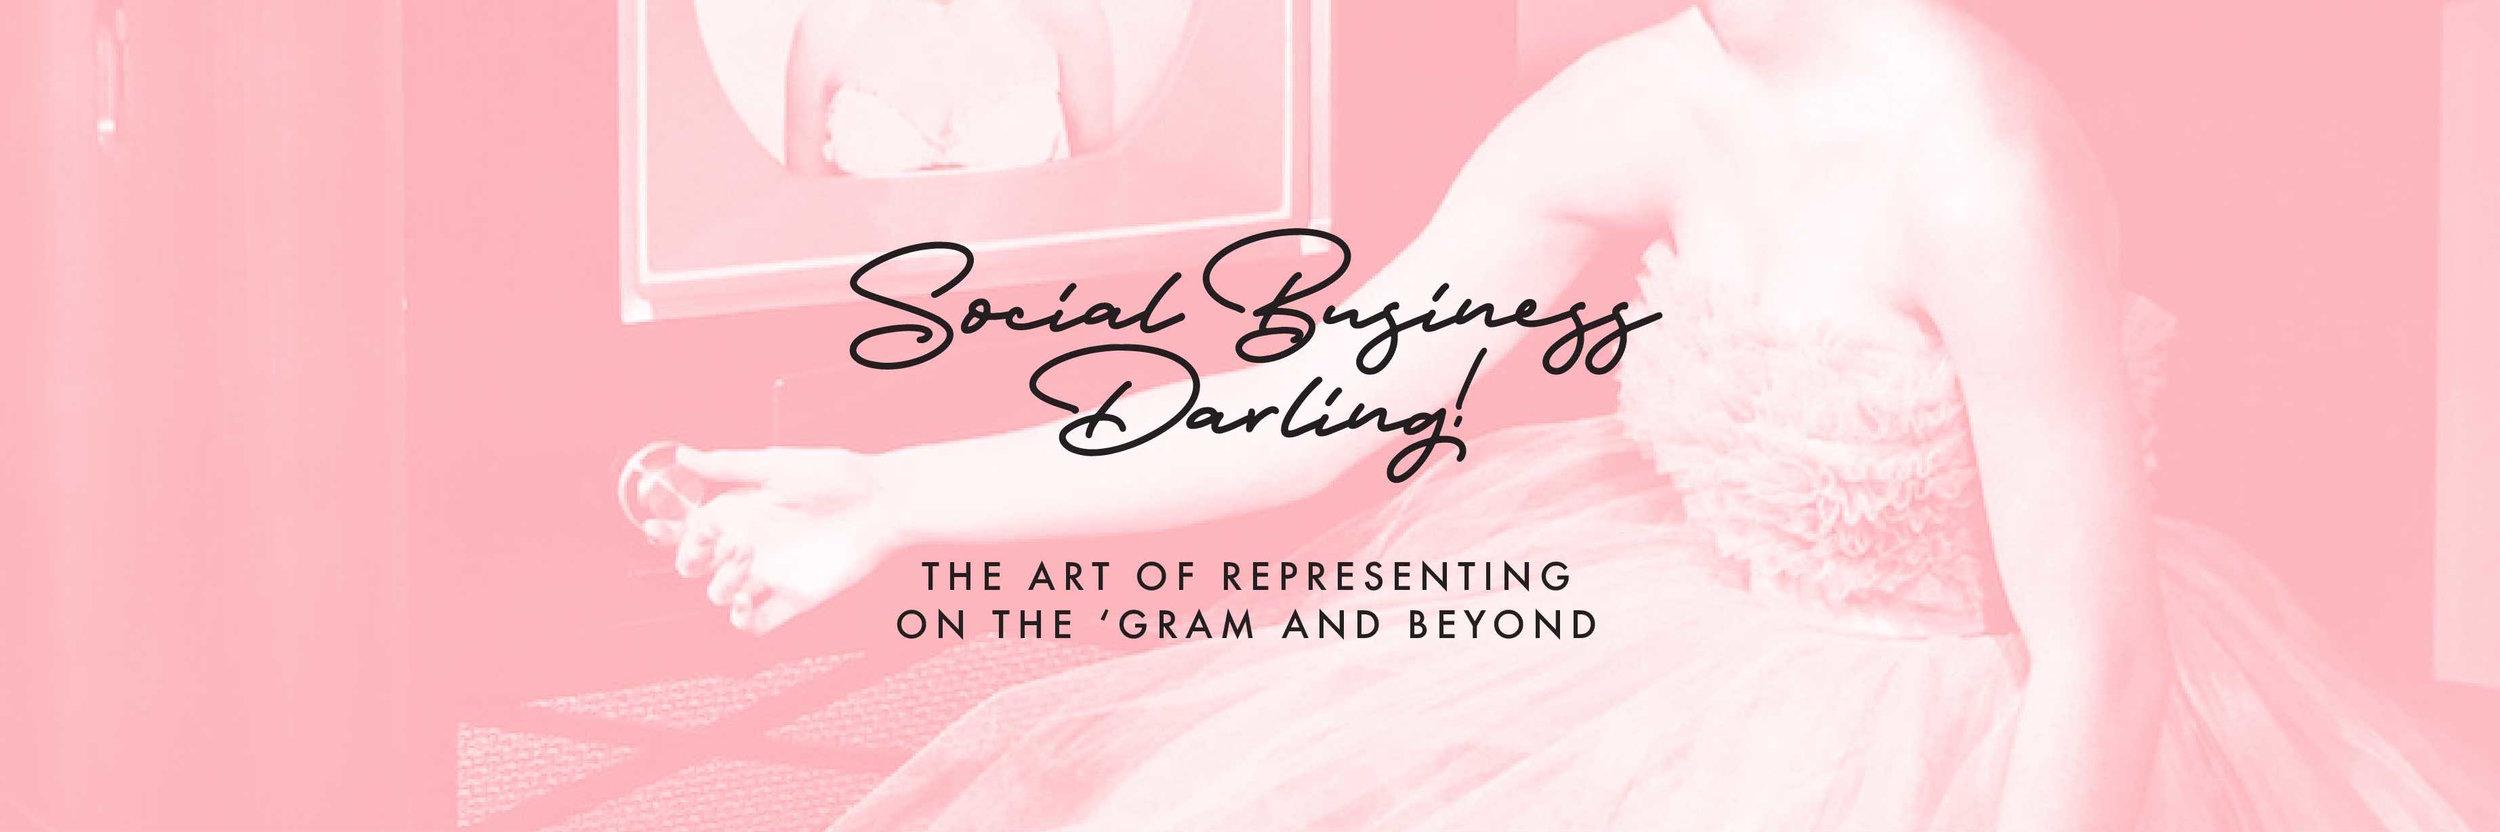 Social Business Darling Trybooking Banner.jpg